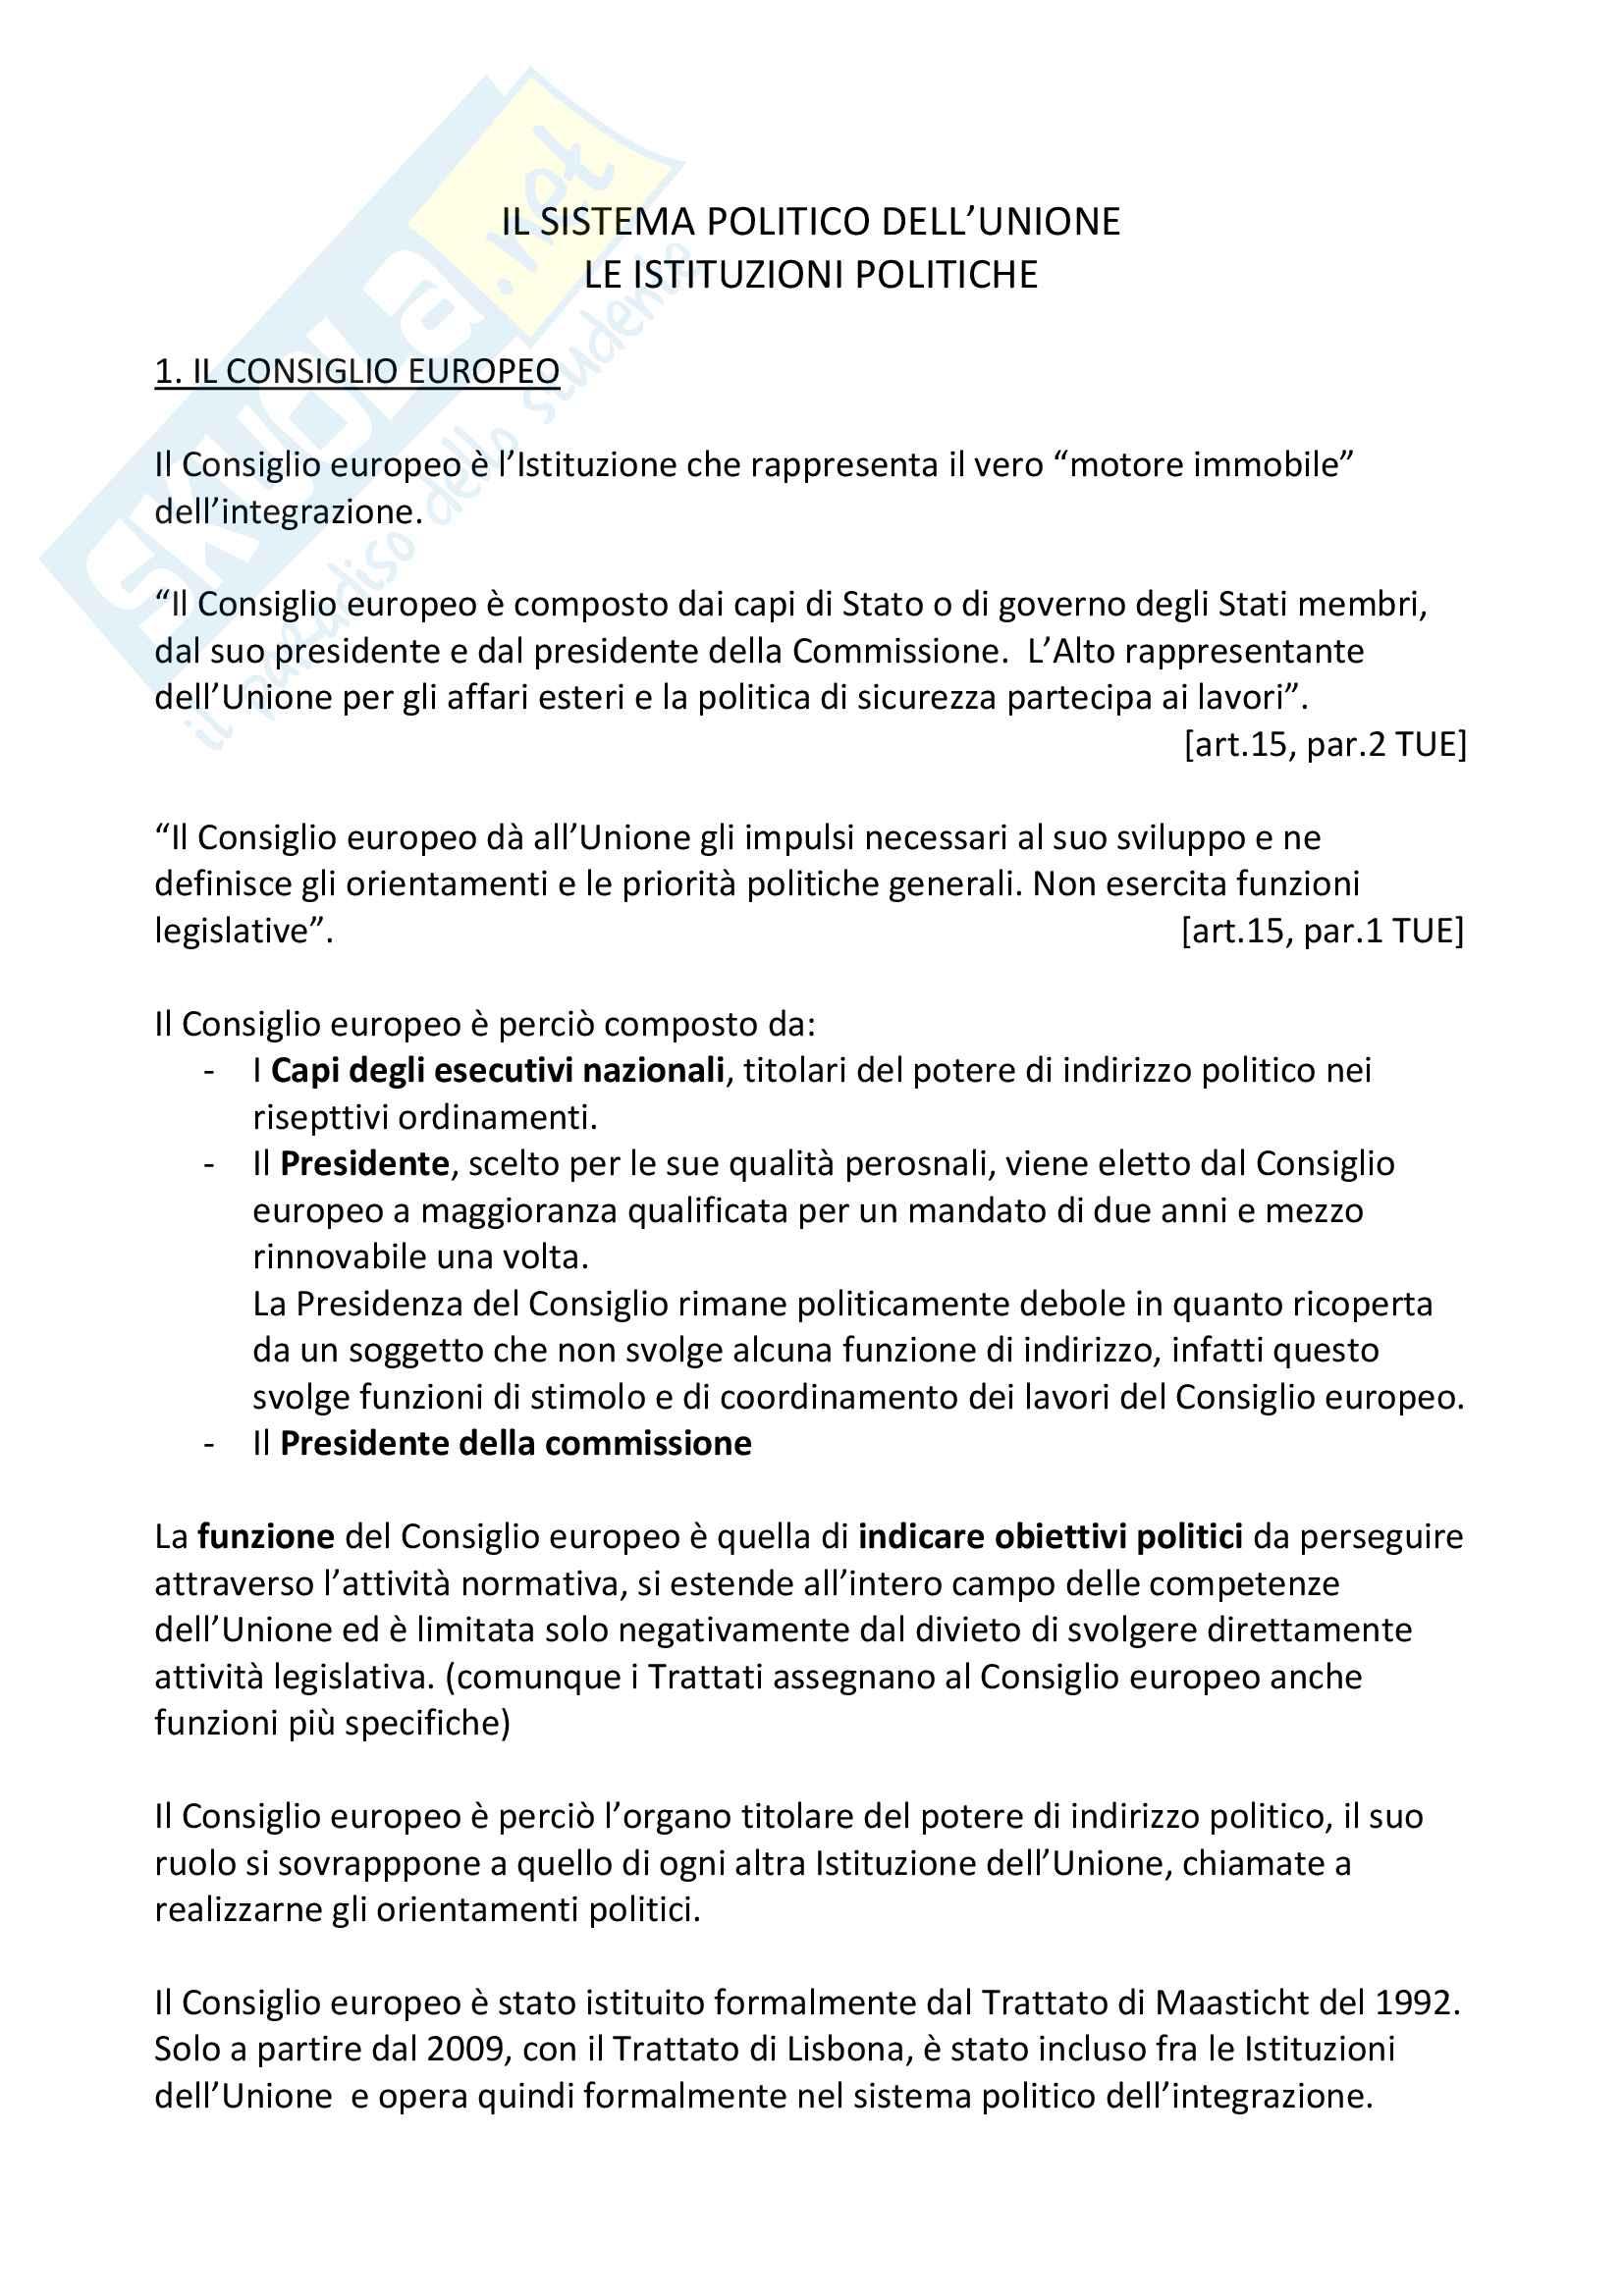 Le Istituzioni politiche dell'Unione Europea